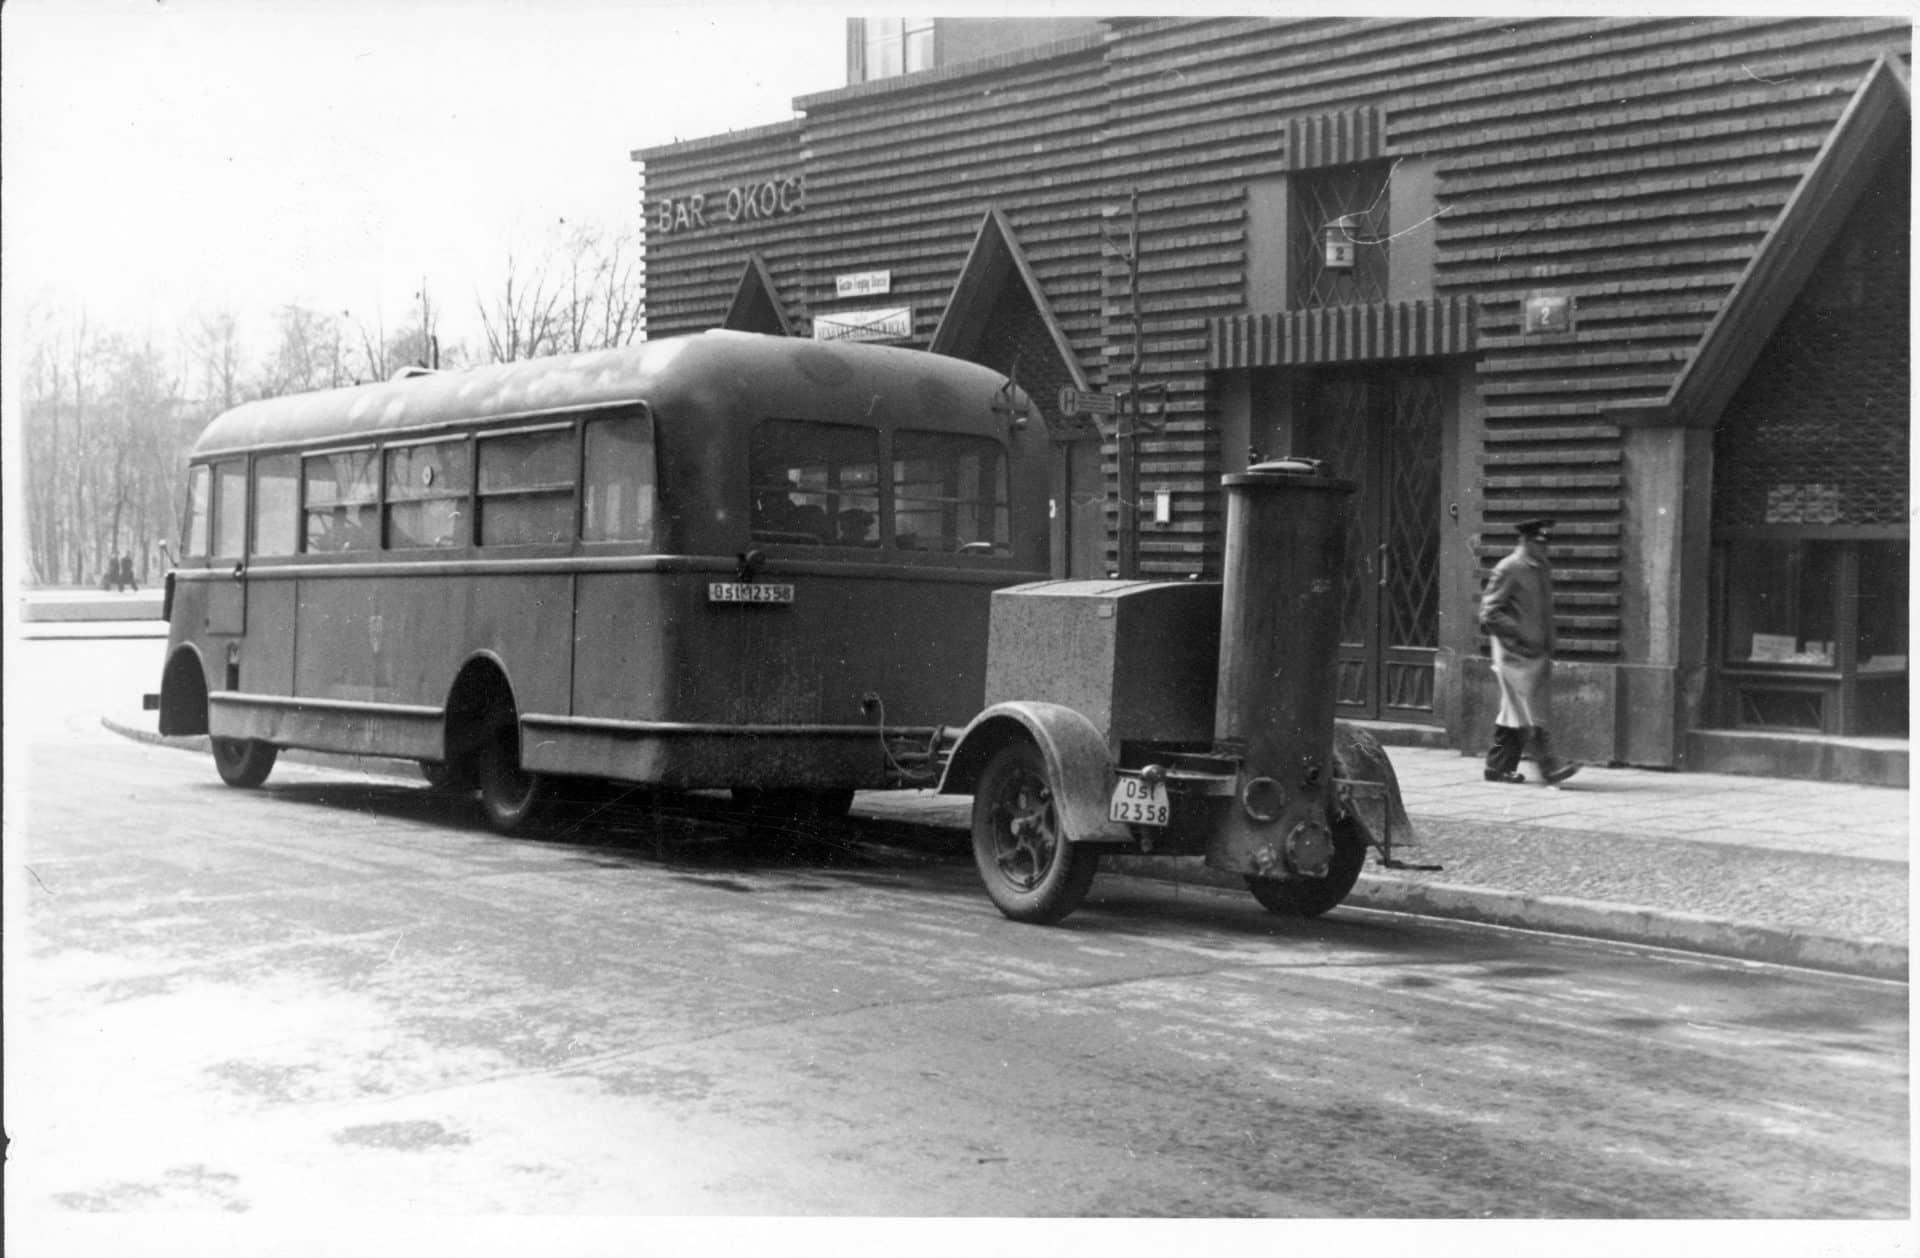 Autobus miejski Chevrolet 183 FS napędzany gazem drzewnym - widoczna przyczepka z generatorem gazu - na ul. Sienkiewicza przy zbiegu z ul. Królewską. Źródło: Narodowe Archiwum Cyfrowe.